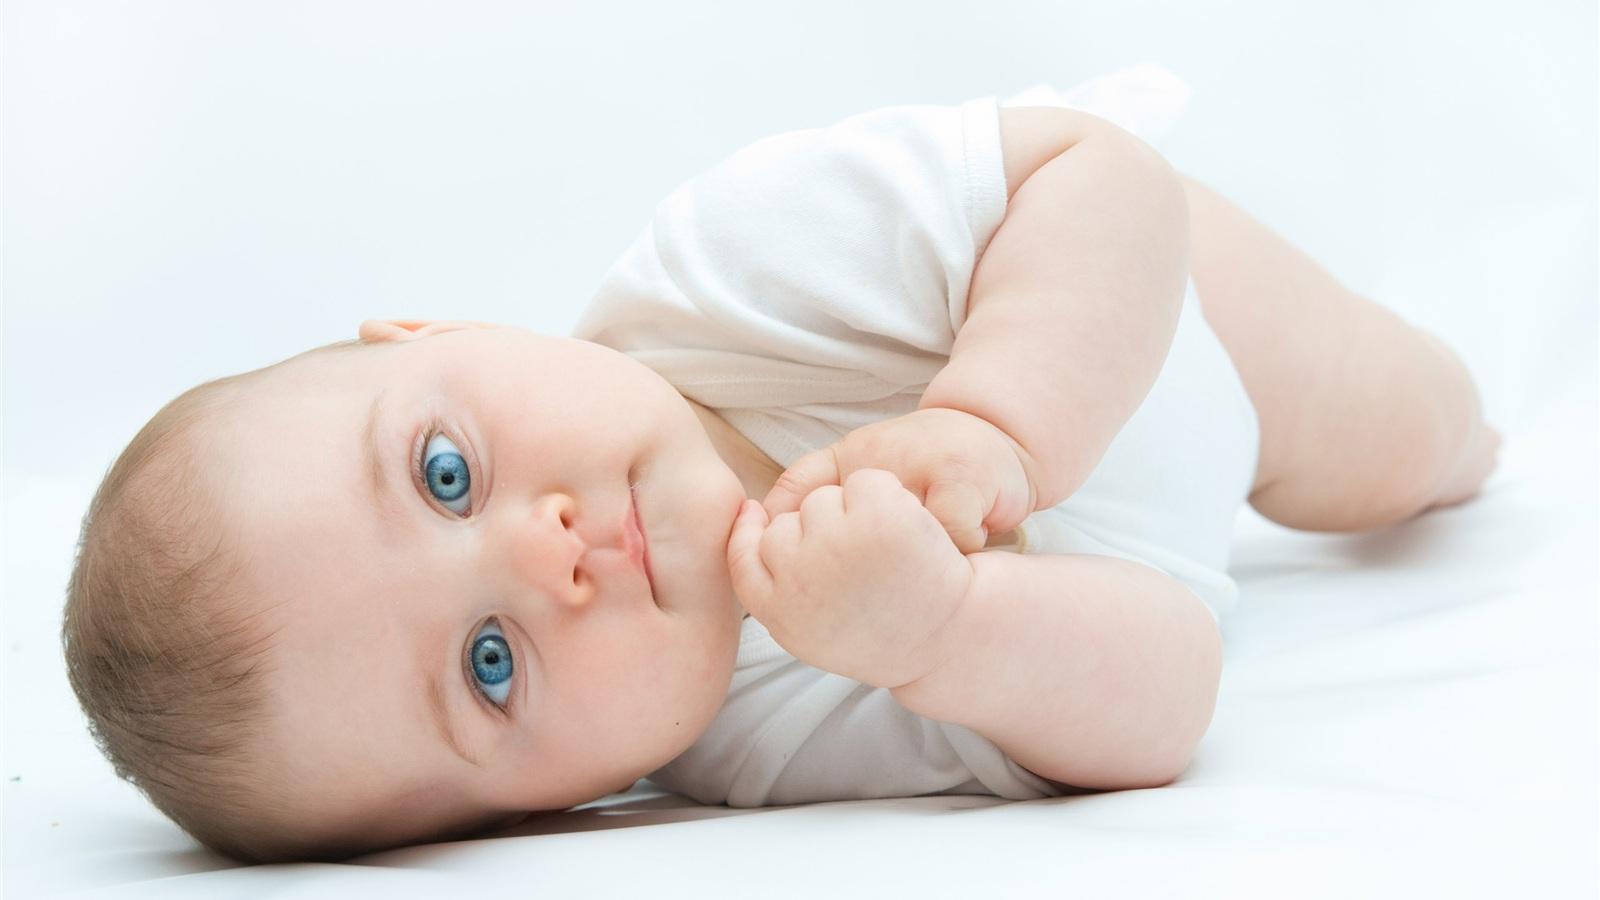 Причины того, что дети выгибают спинку, могут быть разные